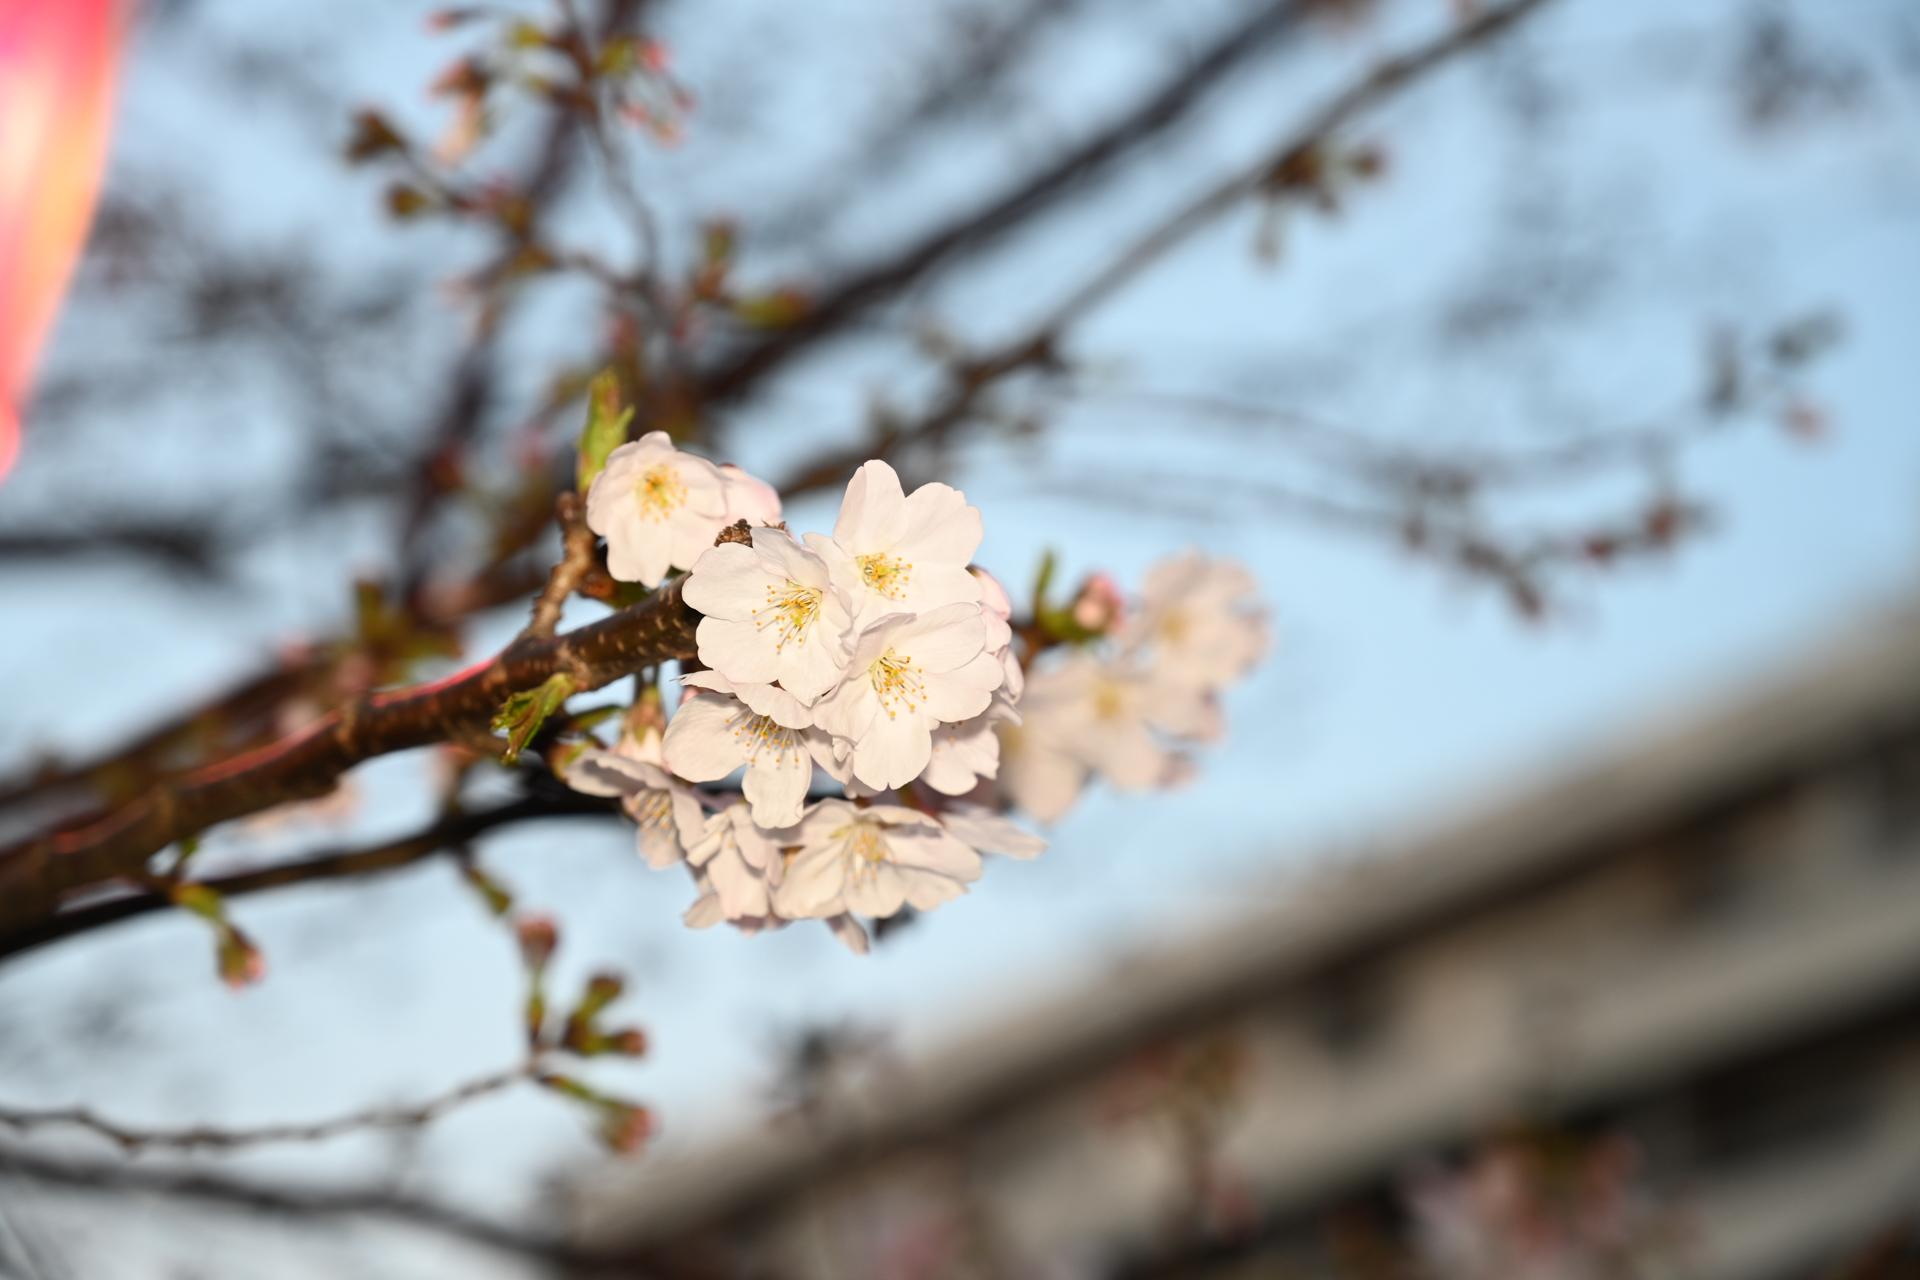 目黒川 桜 Nikon Z7, NIKKOR Z 24-70mm f/4 S